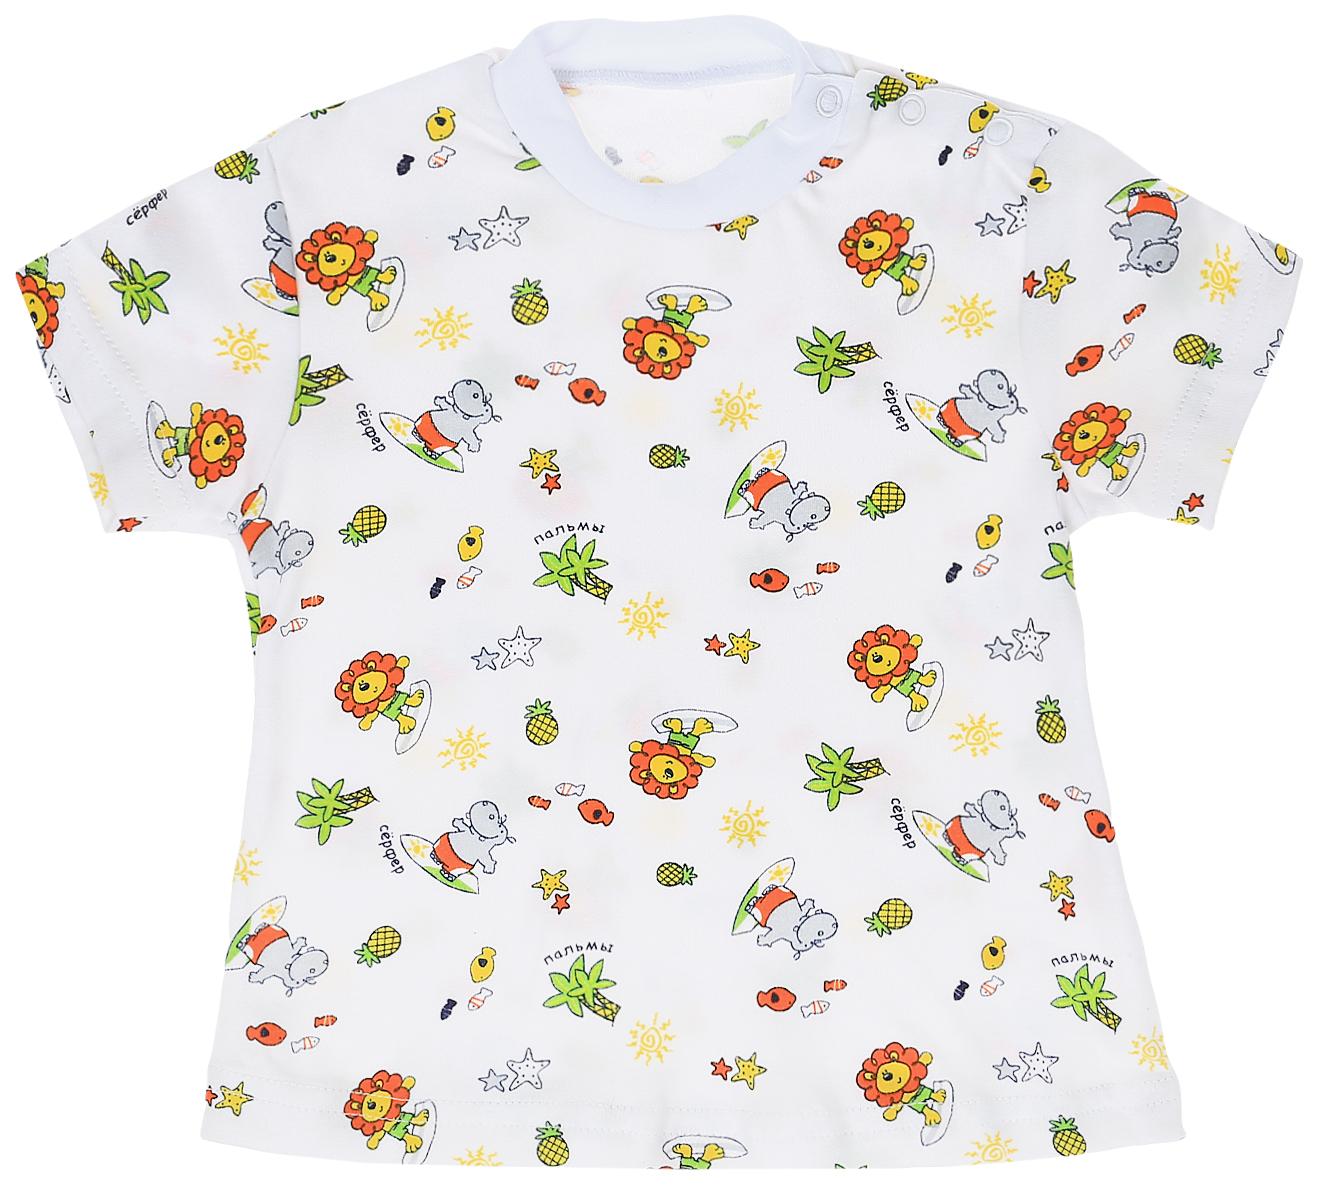 Футболка33-237Детская футболка Фреш Стайл с коротким рукавом идеально подойдет вашему ребенку, обеспечивая ему наибольший комфорт. Футболка с рисунком на белом фоне выполнена из натурального хлопка, благодаря чему она необычайно мягкая и приятная на ощупь, не раздражает нежную кожу ребенка и хорошо вентилируется. Удобные кнопки на плече футболки помогают легко переодеть ребенка, а удобные лекала учитывают физиологические особенности малыша. Футболка, расклешенная книзу, не обтягивает животик и не сковывает движений. Забавный рисунок на ткани поднимет настроение вам и вашему малышу. Оригинальный дизайн и яркая расцветка делают эту футболку оригинальным и стильным предметом детского гардероба.